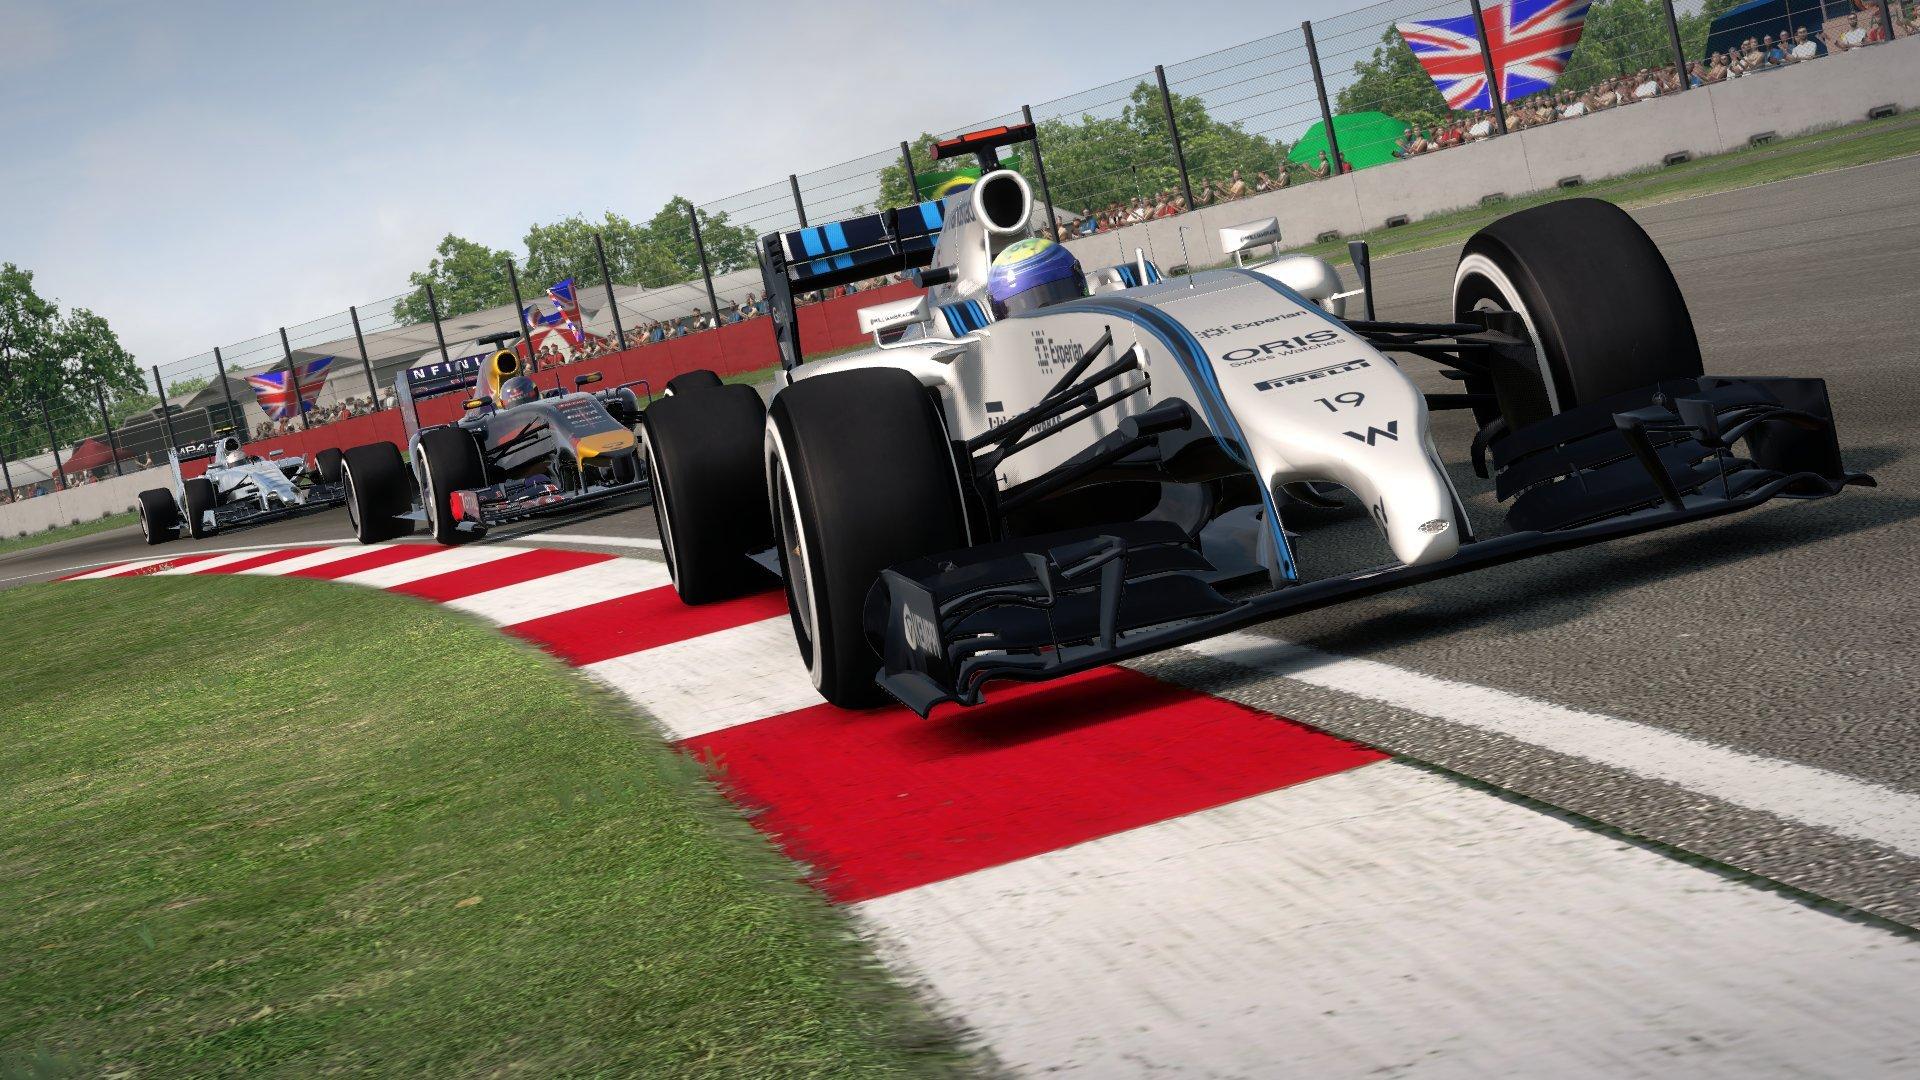 F1 2014 (Formula 1) - PlayStation 3 by Bandai (Image #4)